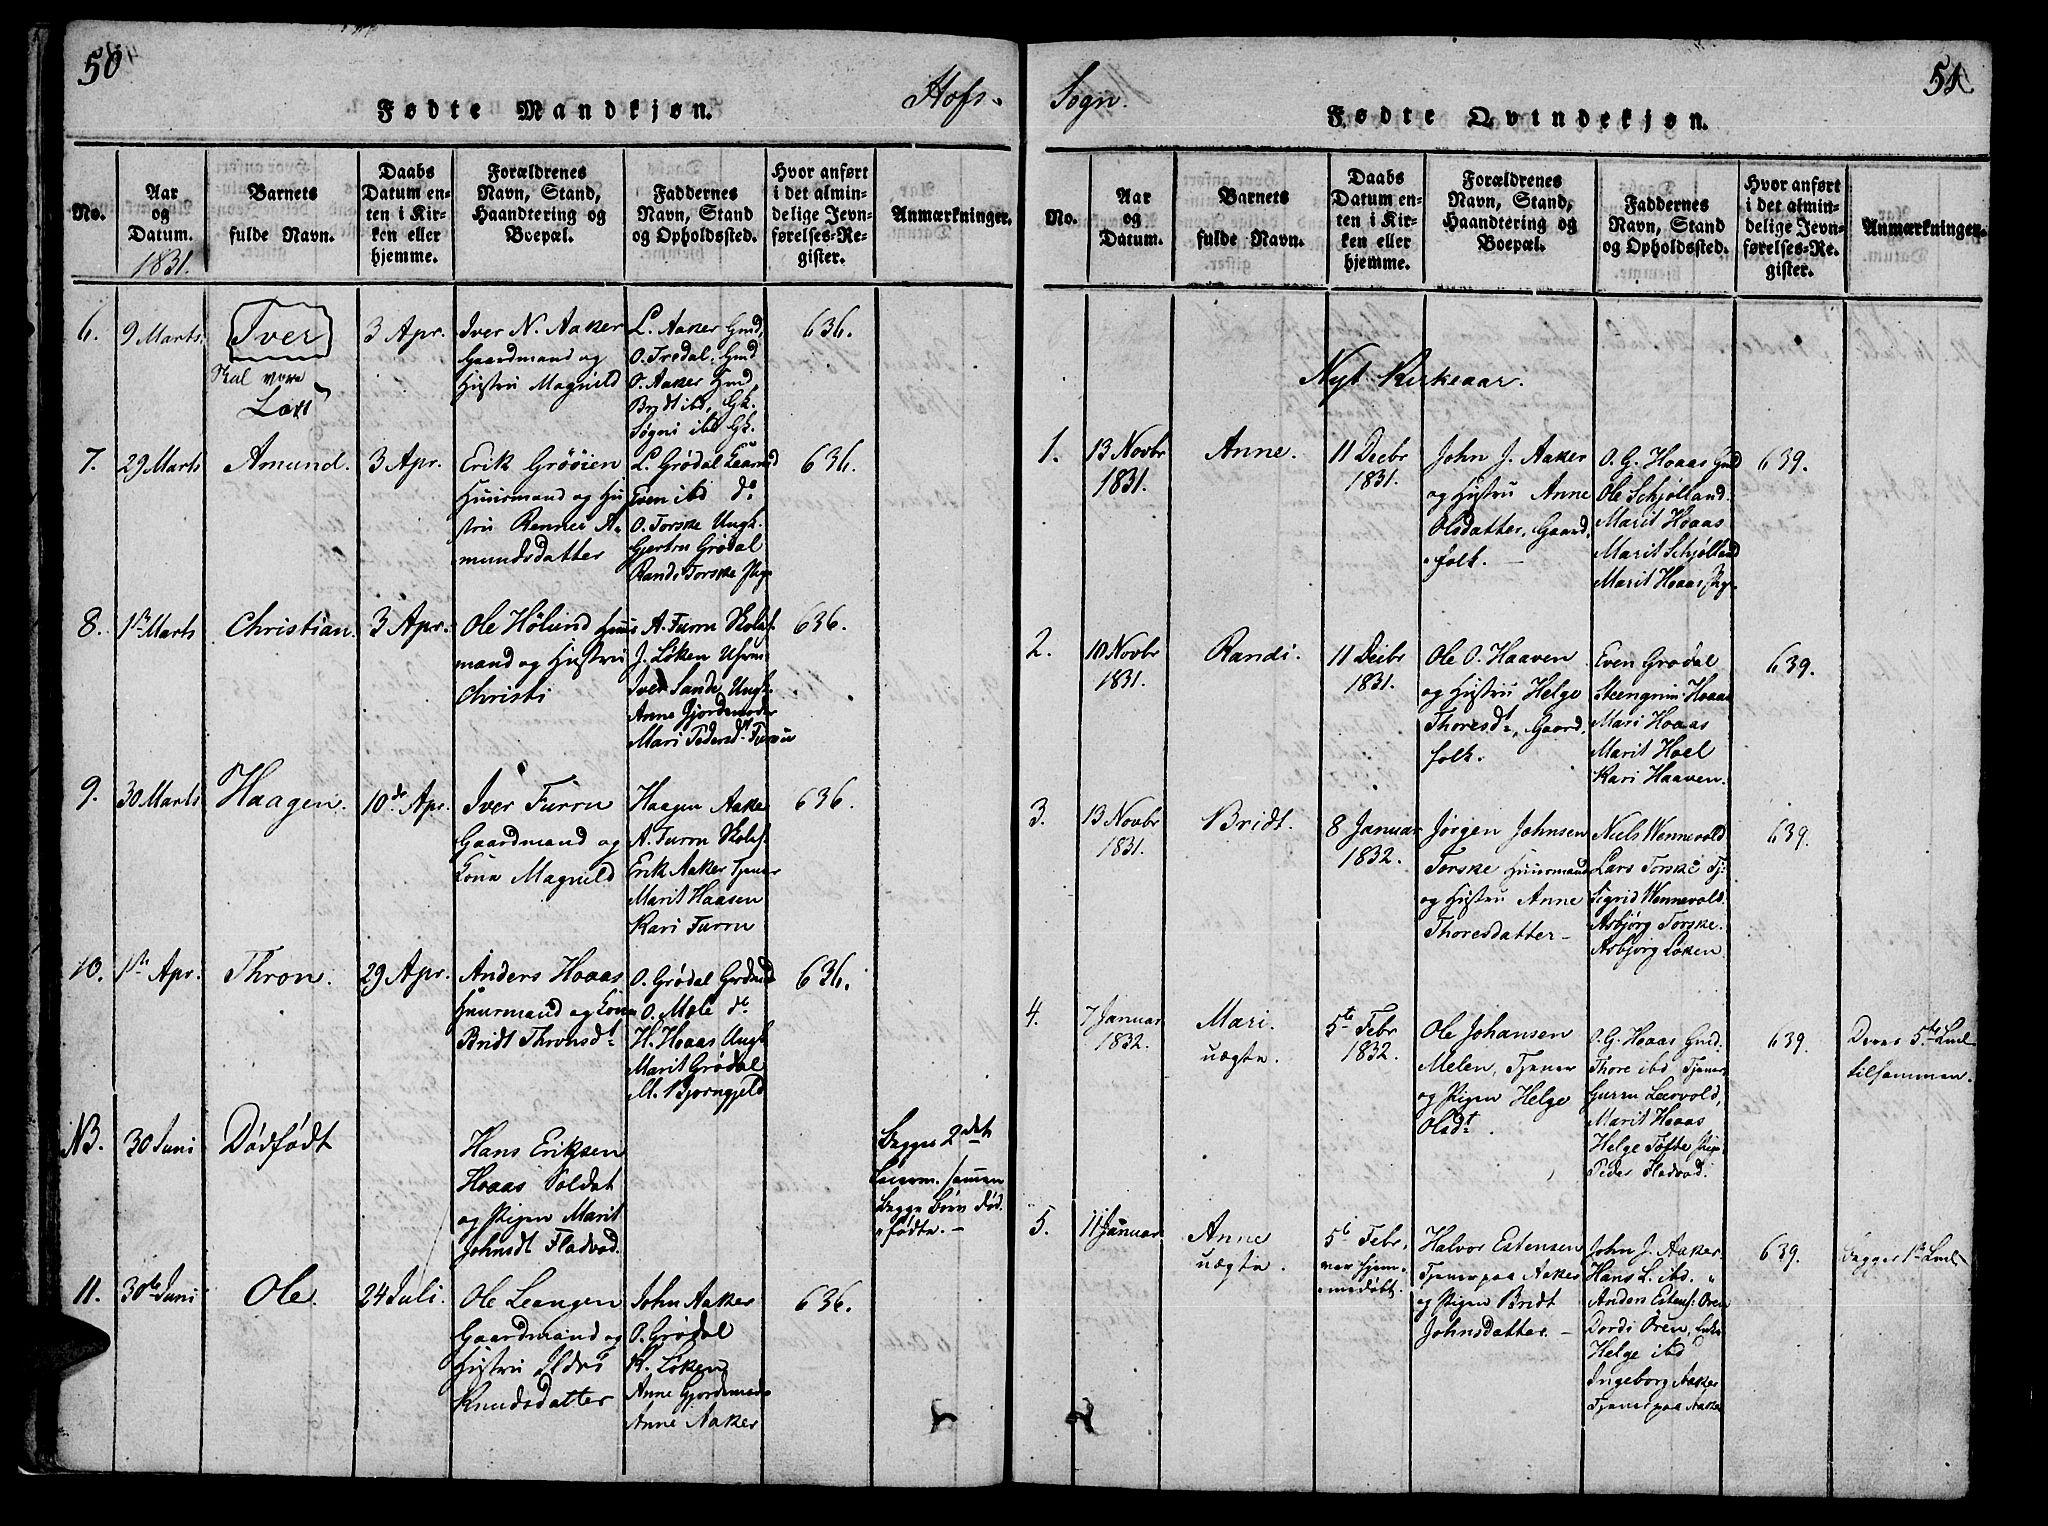 SAT, Ministerialprotokoller, klokkerbøker og fødselsregistre - Møre og Romsdal, 590/L1009: Ministerialbok nr. 590A03 /1, 1819-1832, s. 50-51